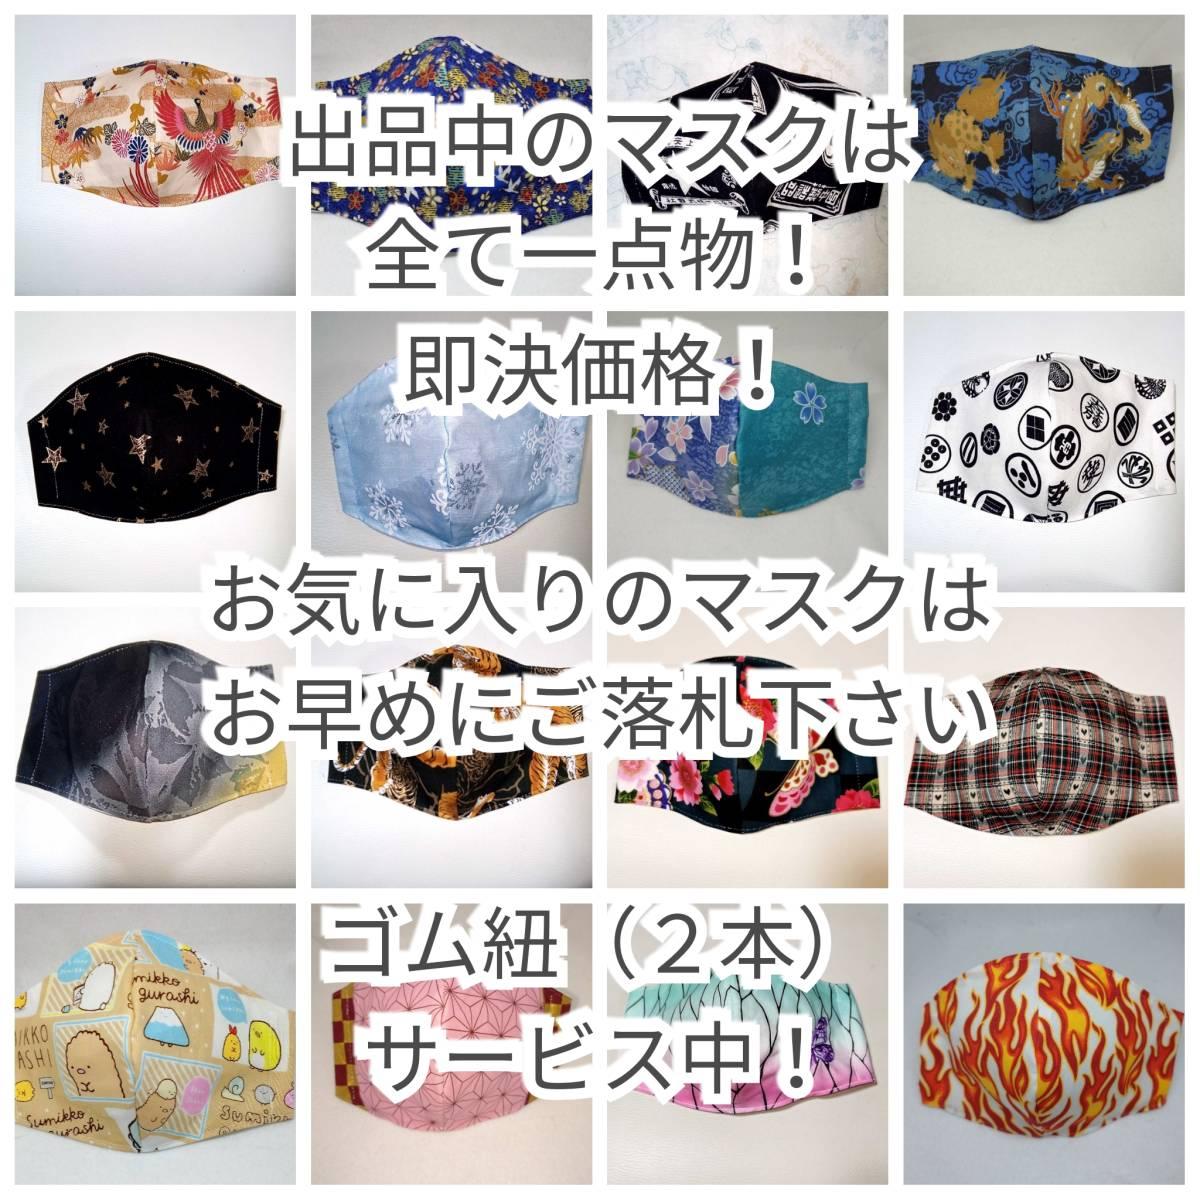 猫に鯛 魚 ネコ 立体型 インナーマスク Sサイズ(幼児~小学校低学年 子供)ハンドメイド S00035_画像8